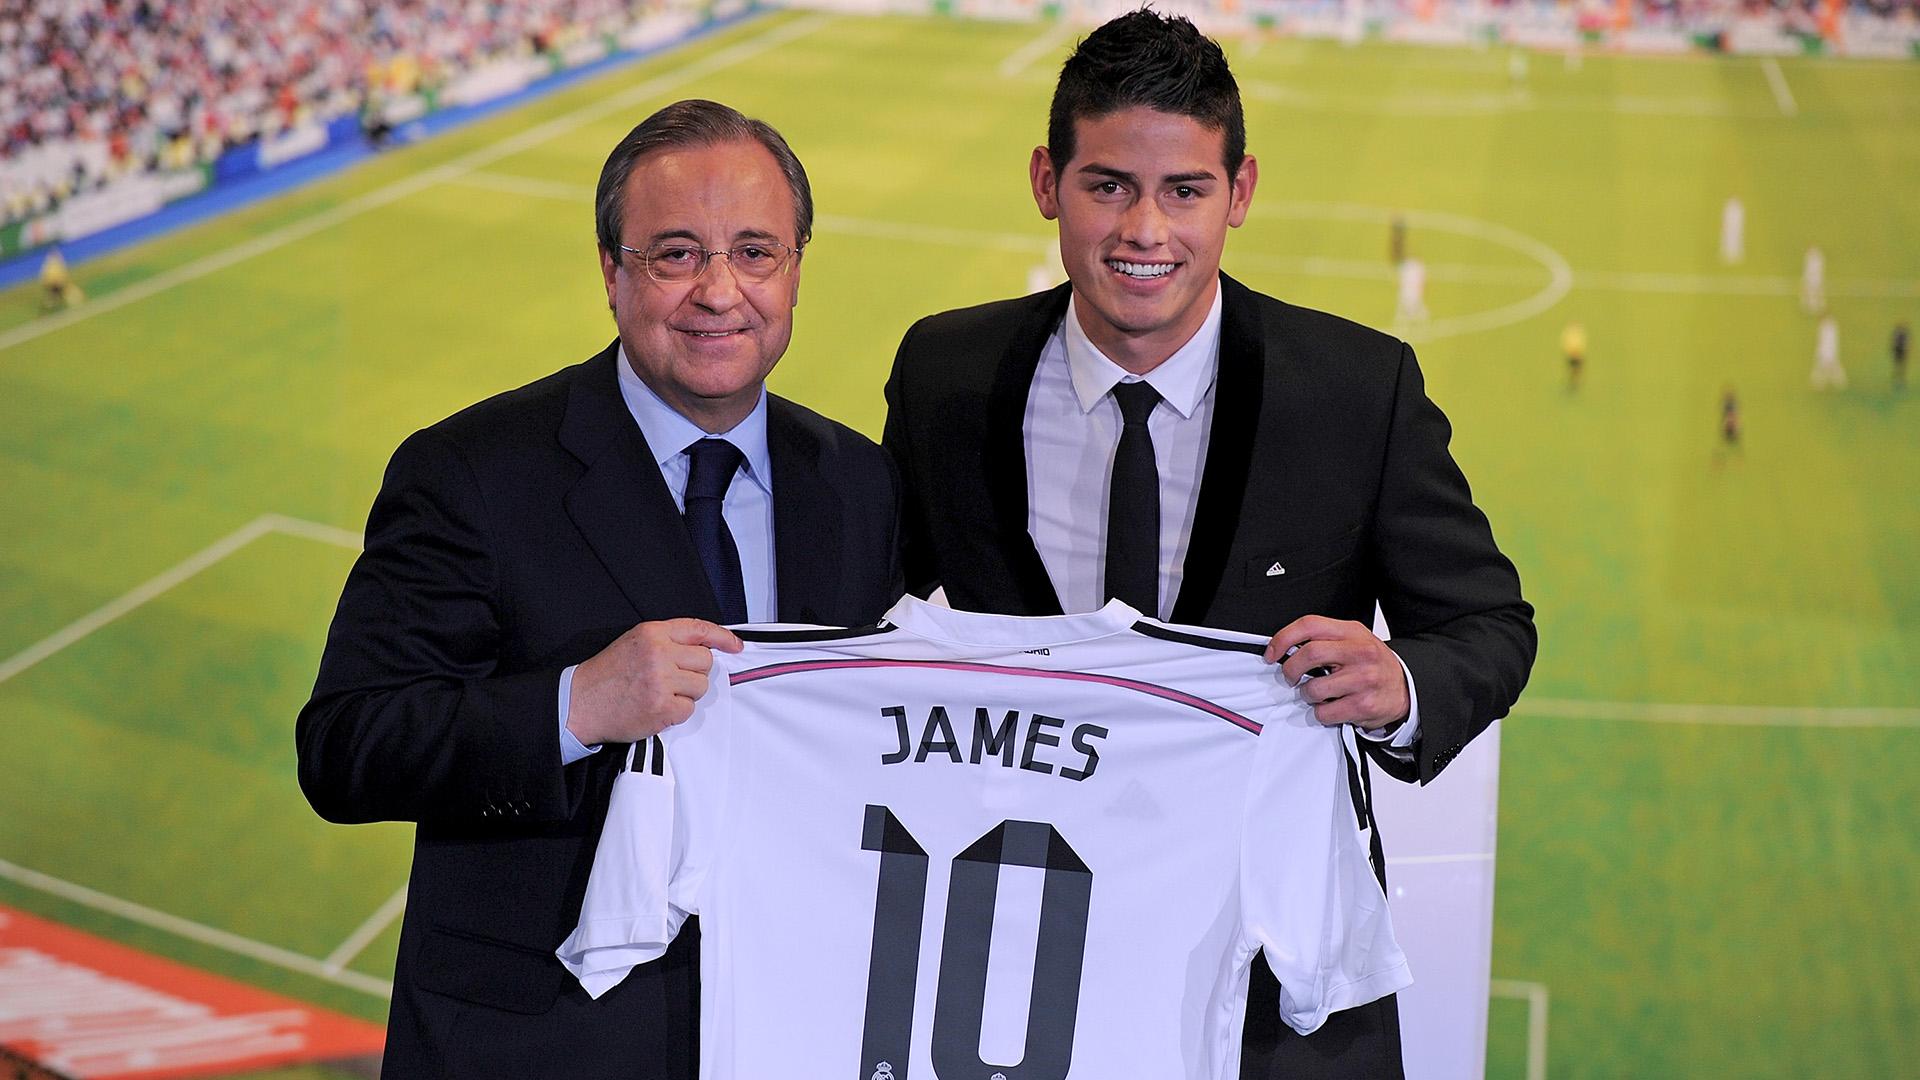 Mercato - Real Madrid : James Rodríguez ne sera pas prêté cet été